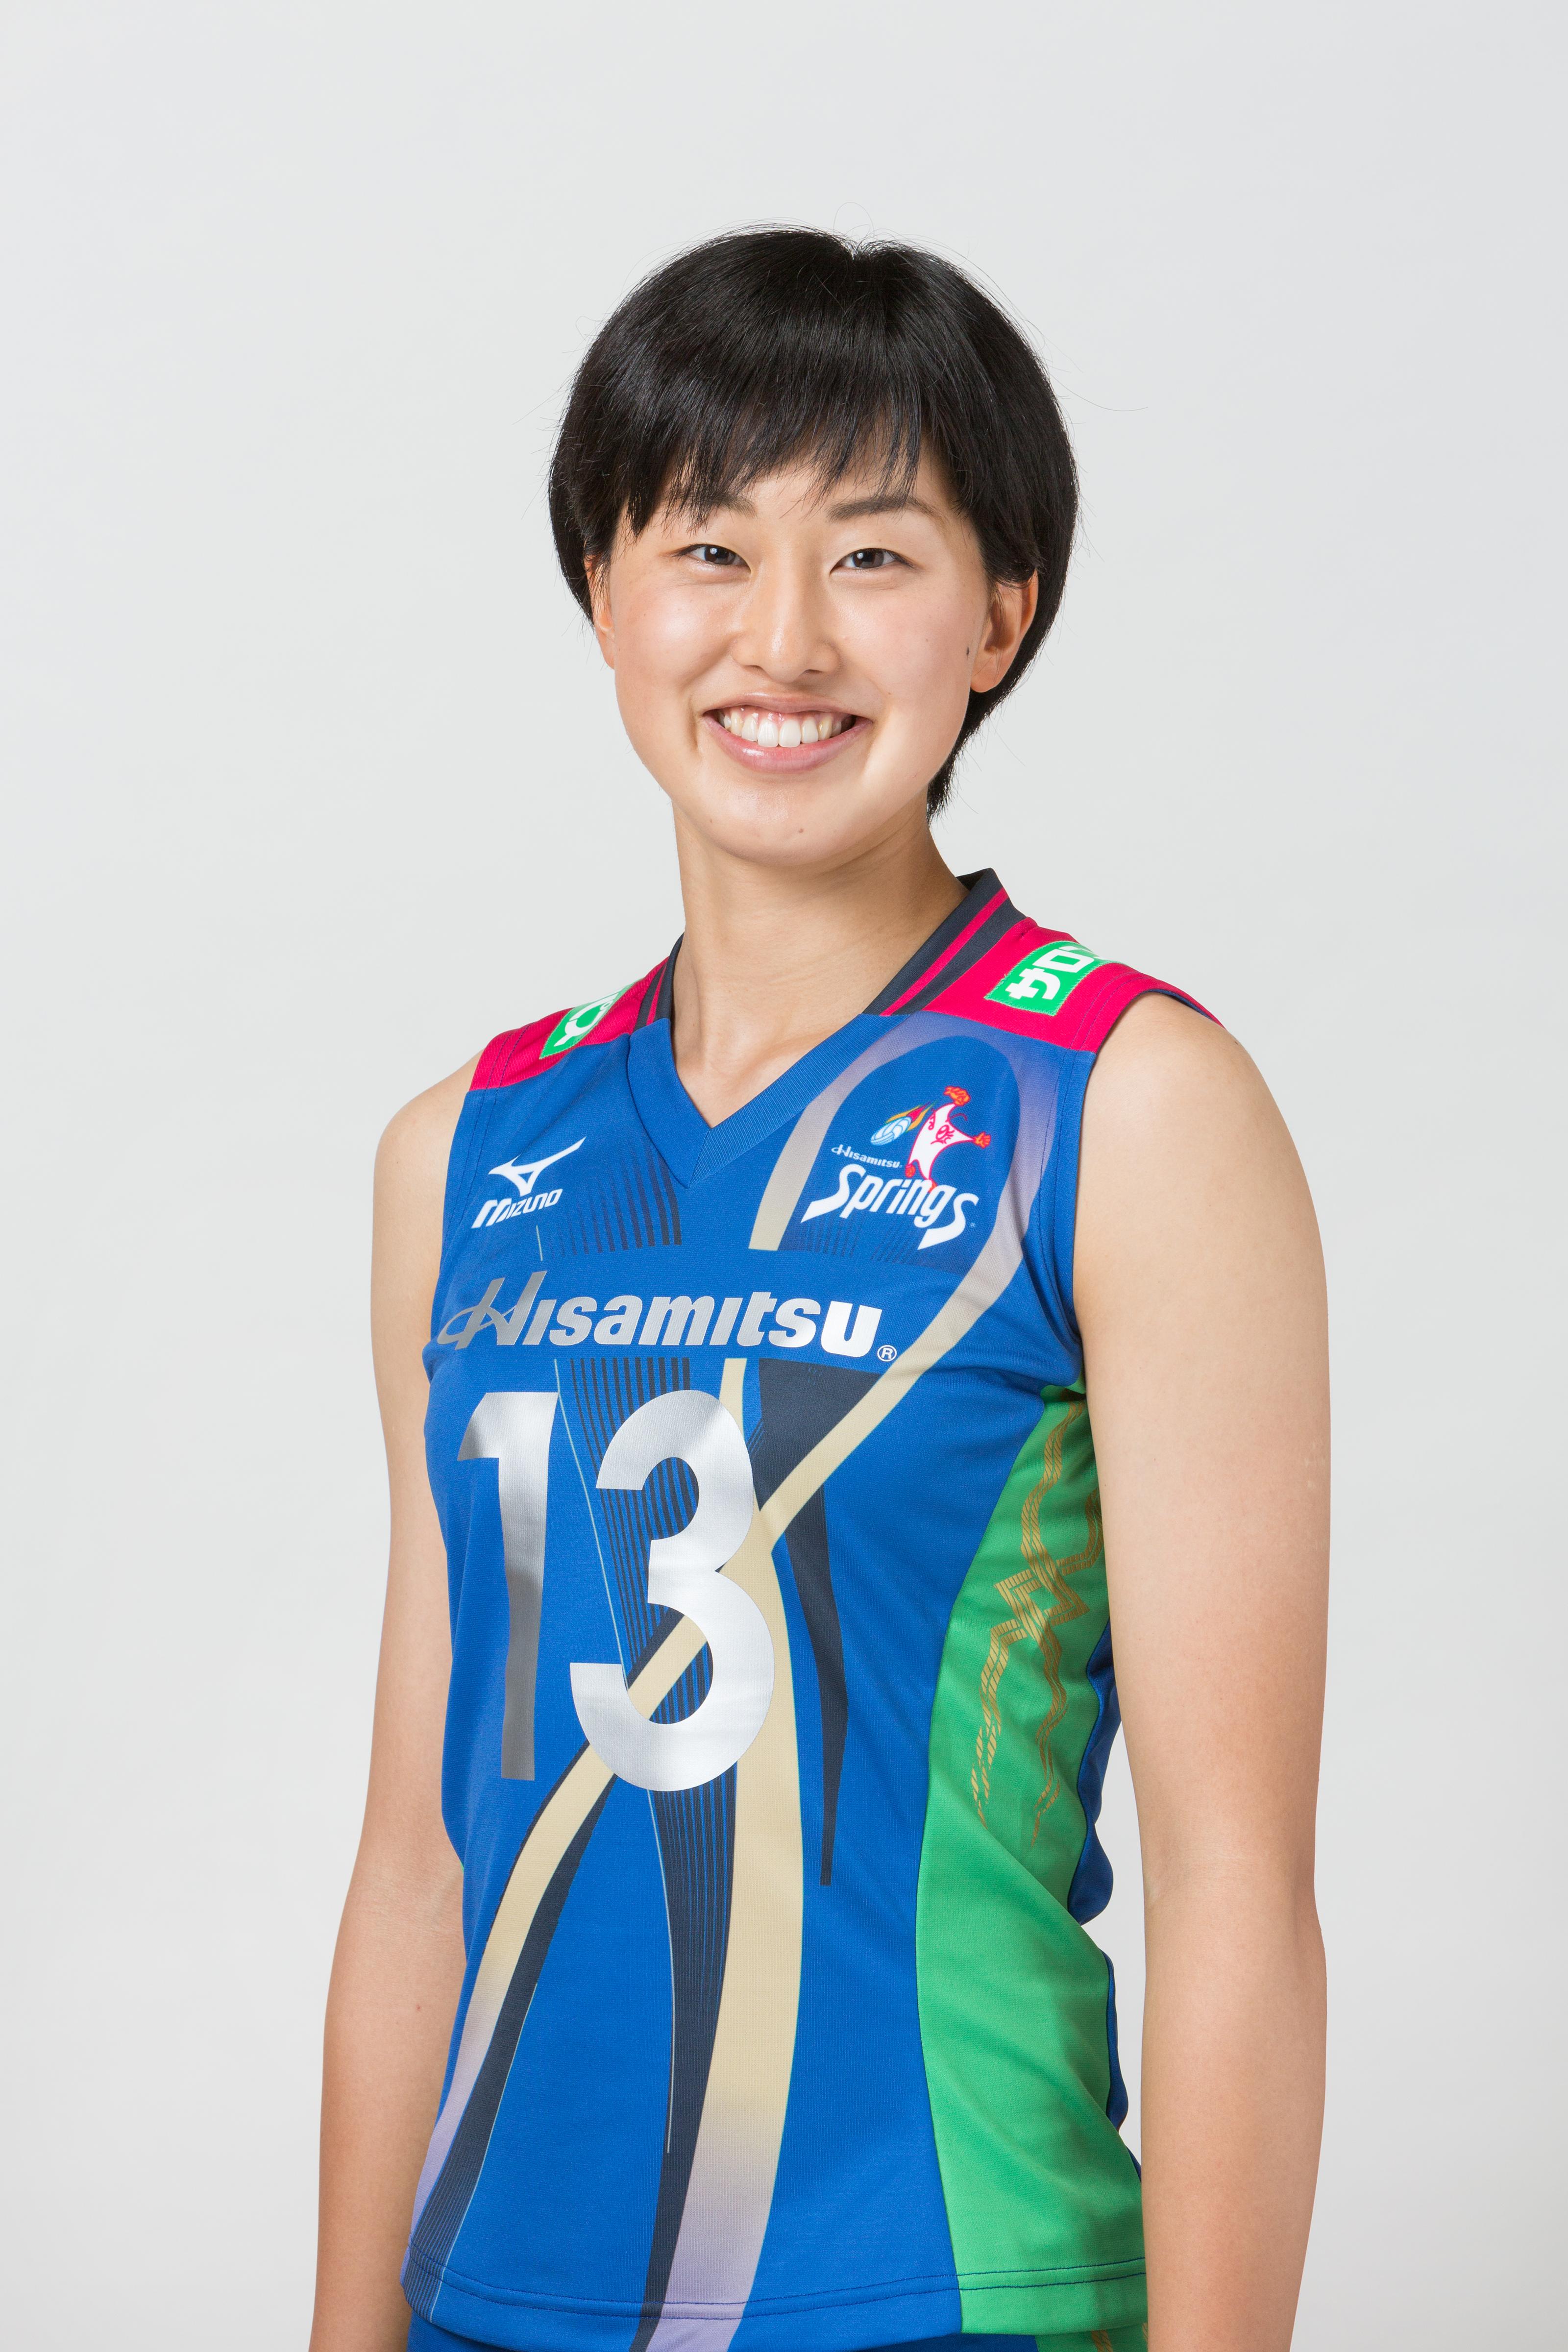 Kiyora Obikawa